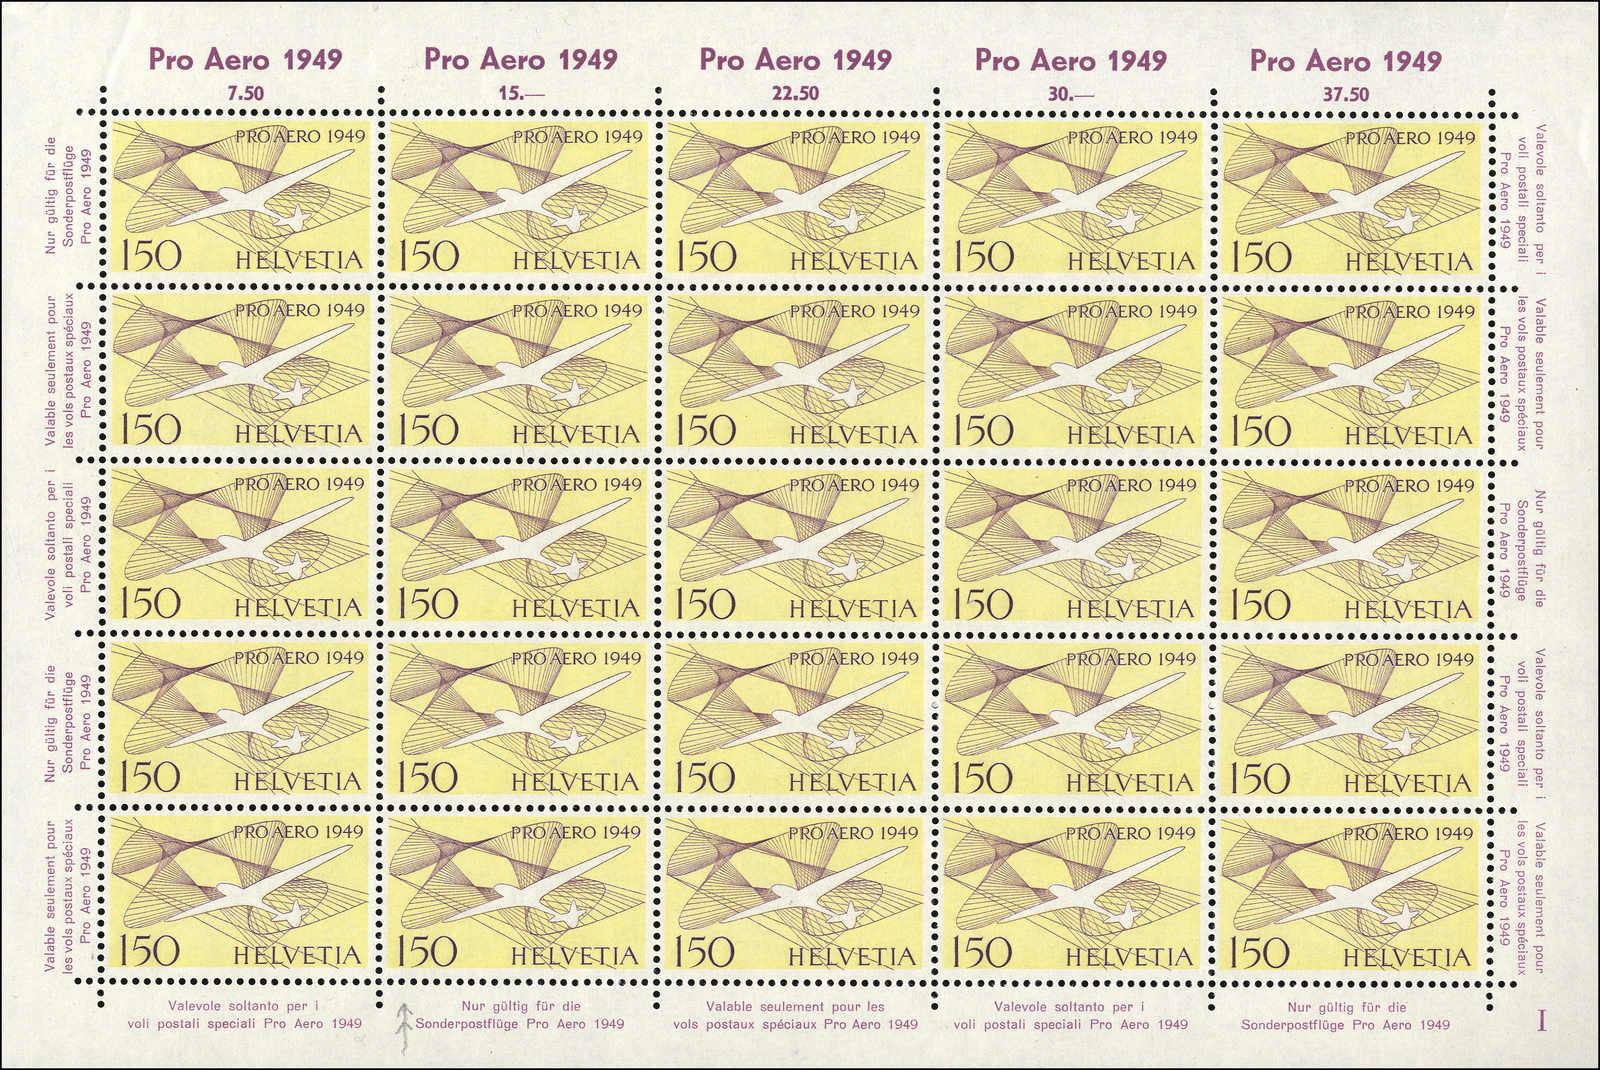 Lot 169 - schweiz schweiz flugpostmarken -  Rolli Auctions Auction #68 Day 1